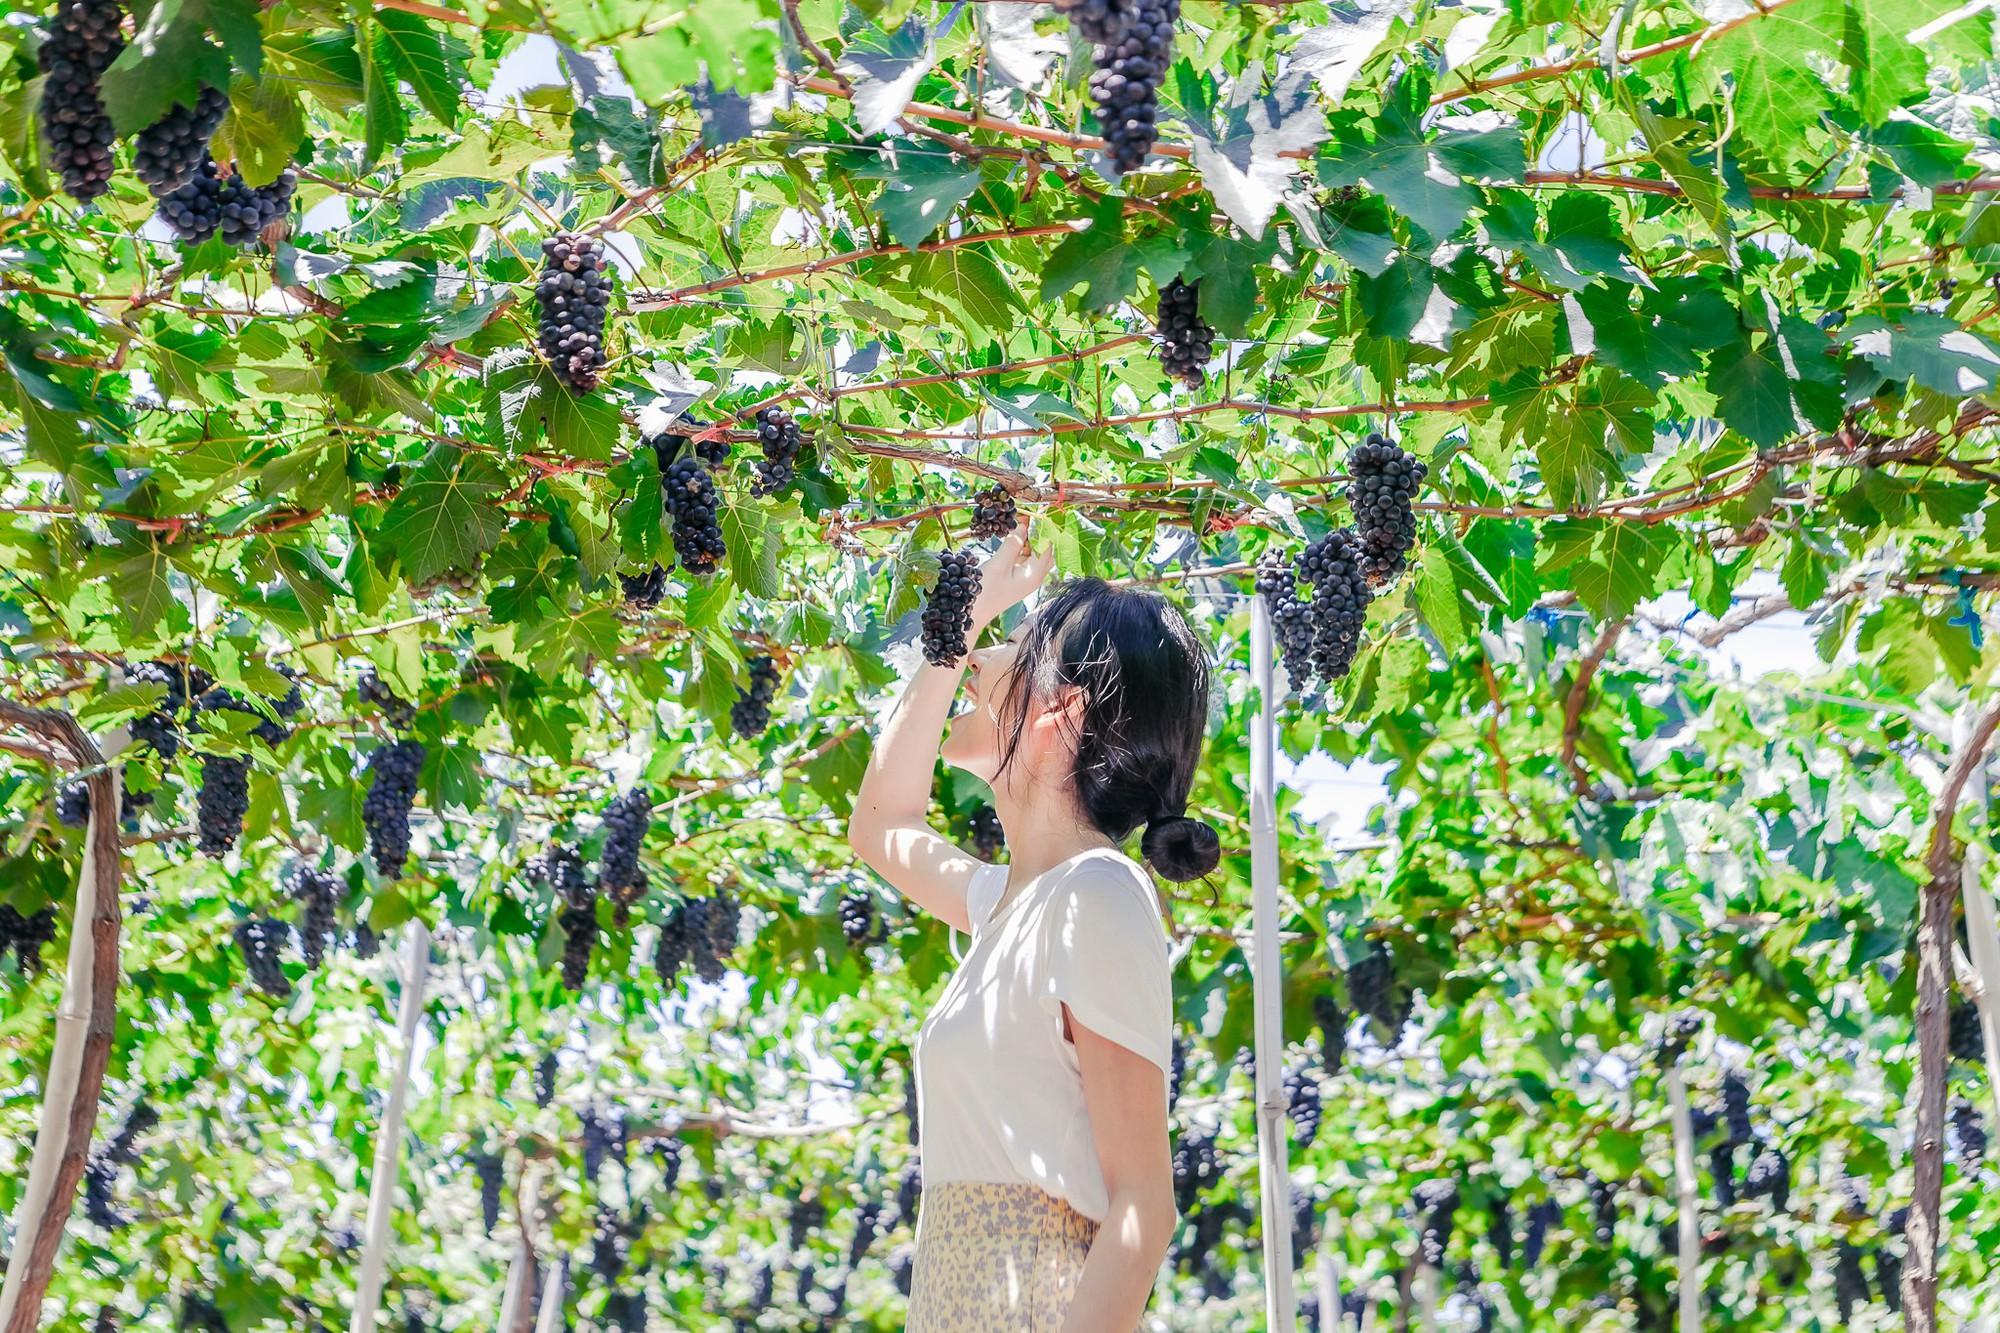 Cánh đồng quạt gió và vườn dâu Ba Mọi tại Ninh Thuận: Hai địa điểm check-in siêu to khổng lồ, lại còn miễn phí nữa chứ! - Ảnh 6.